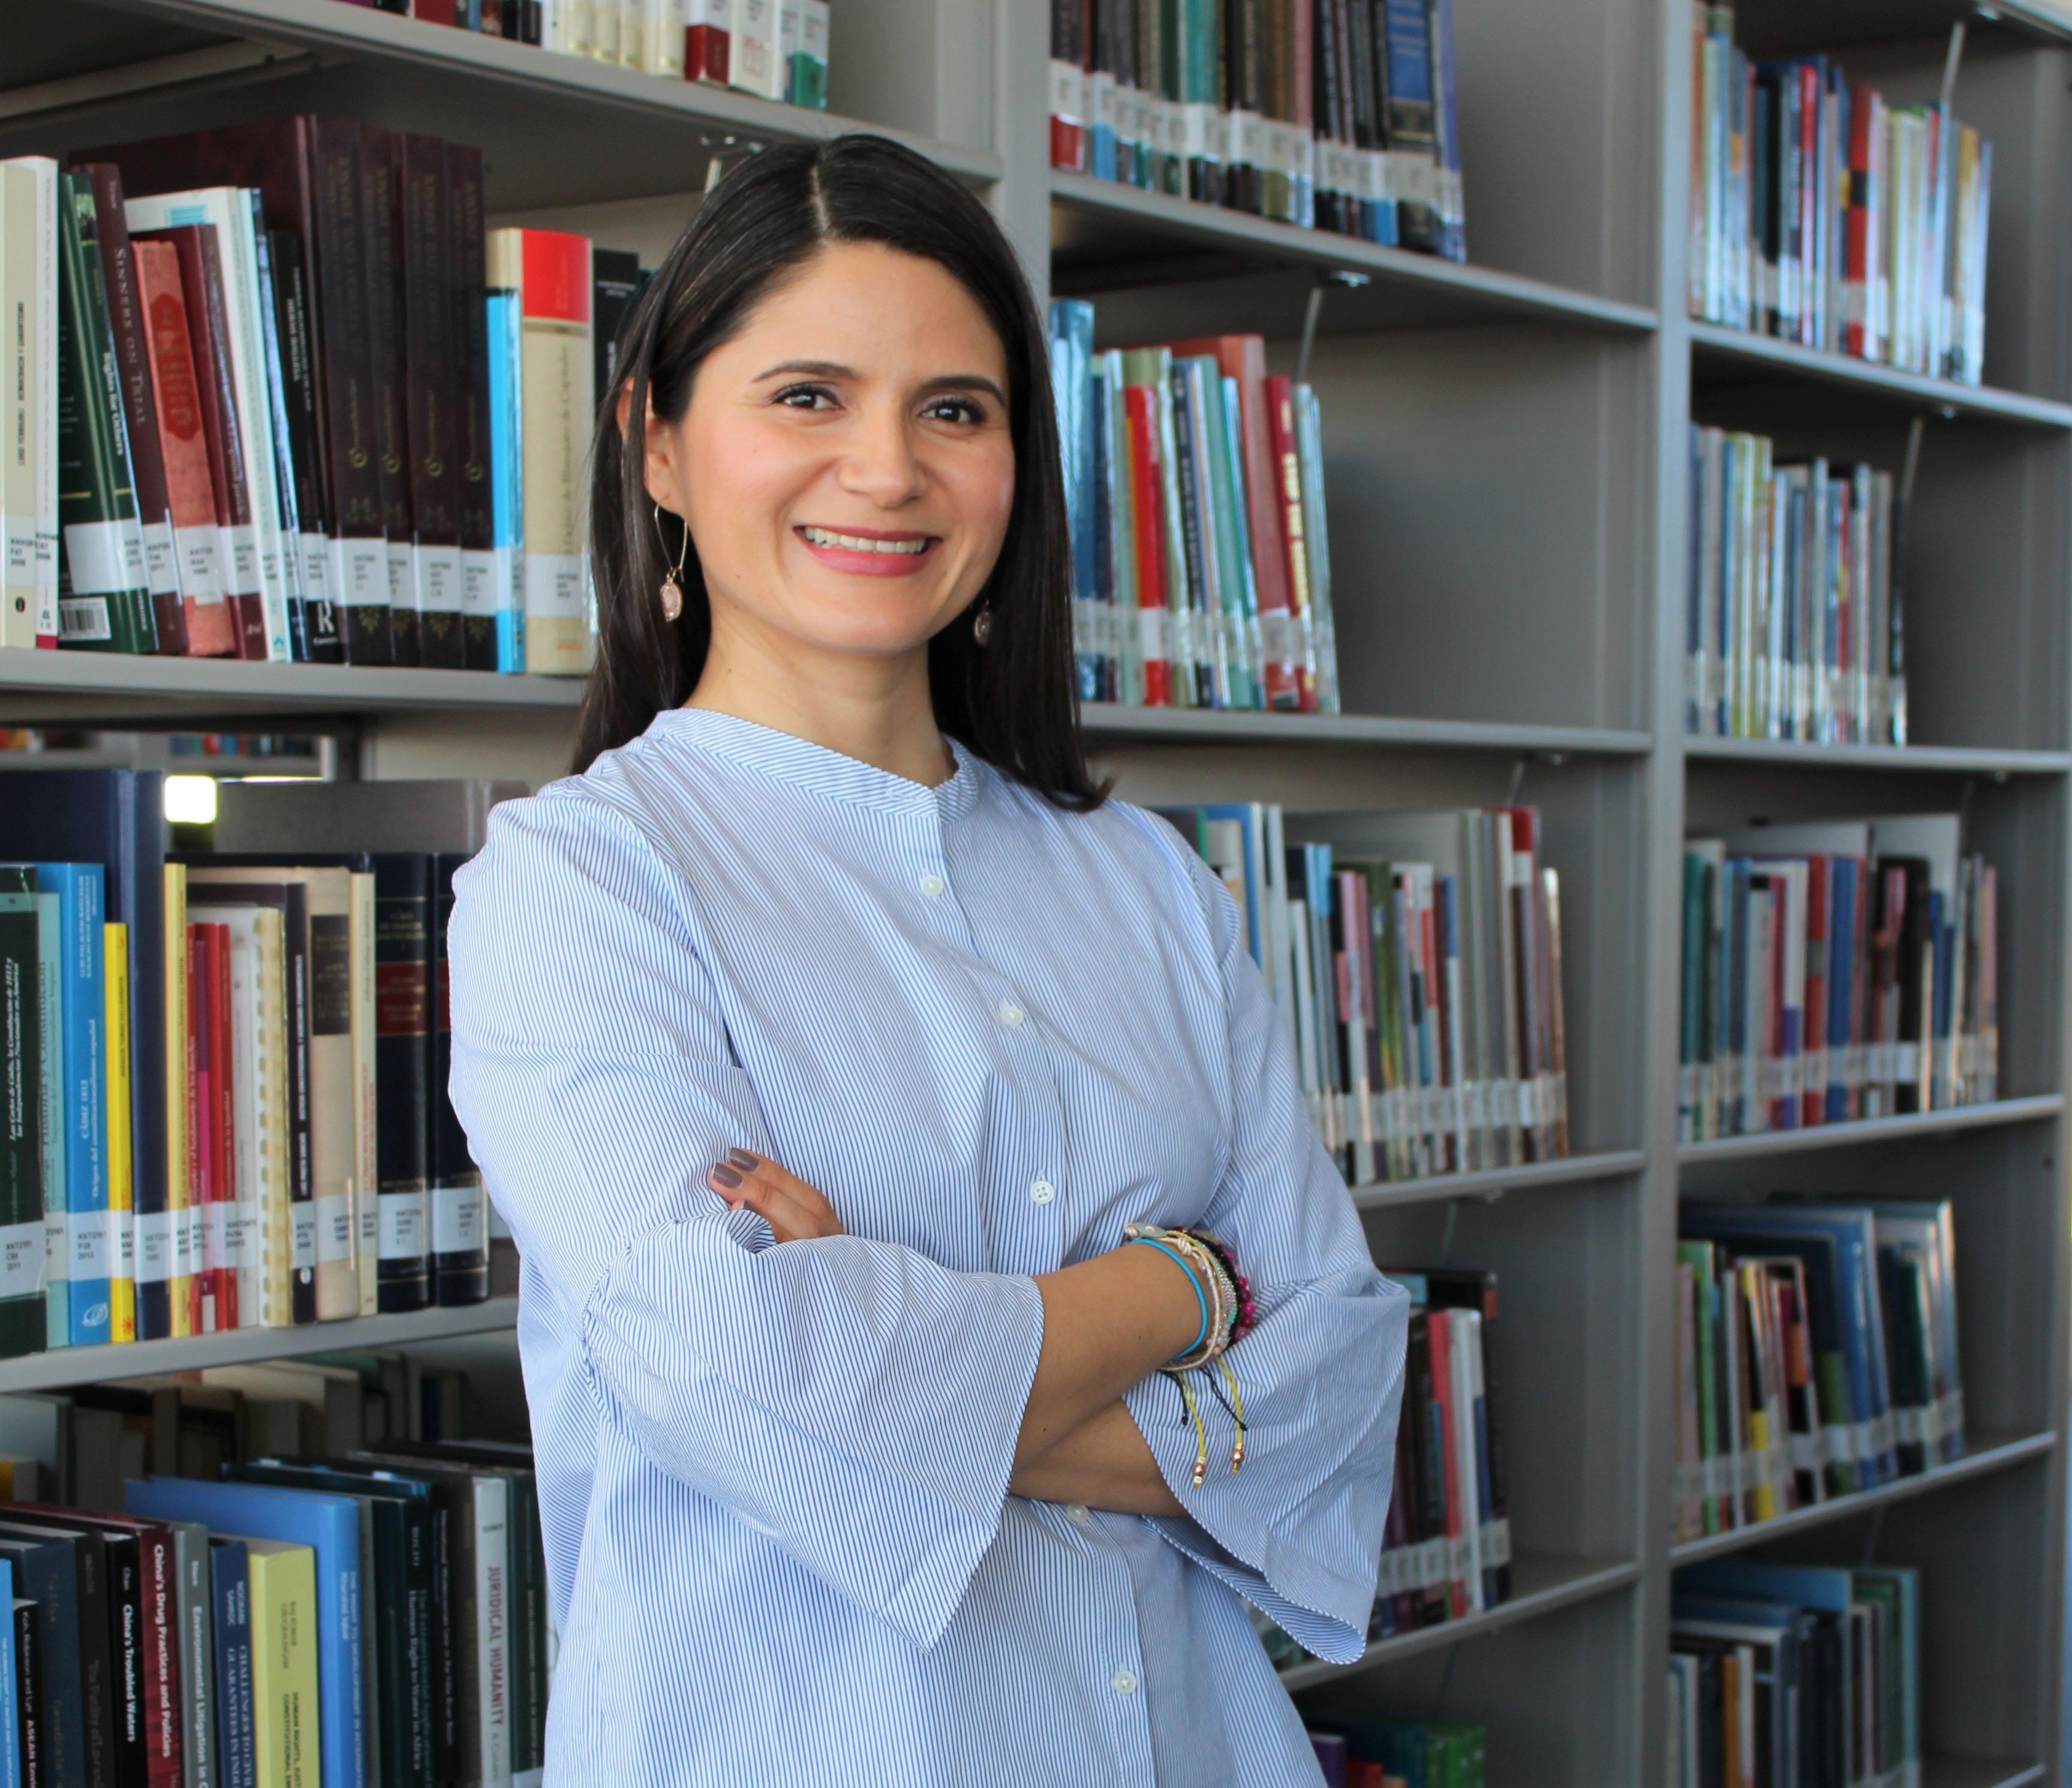 Yadira Peralta